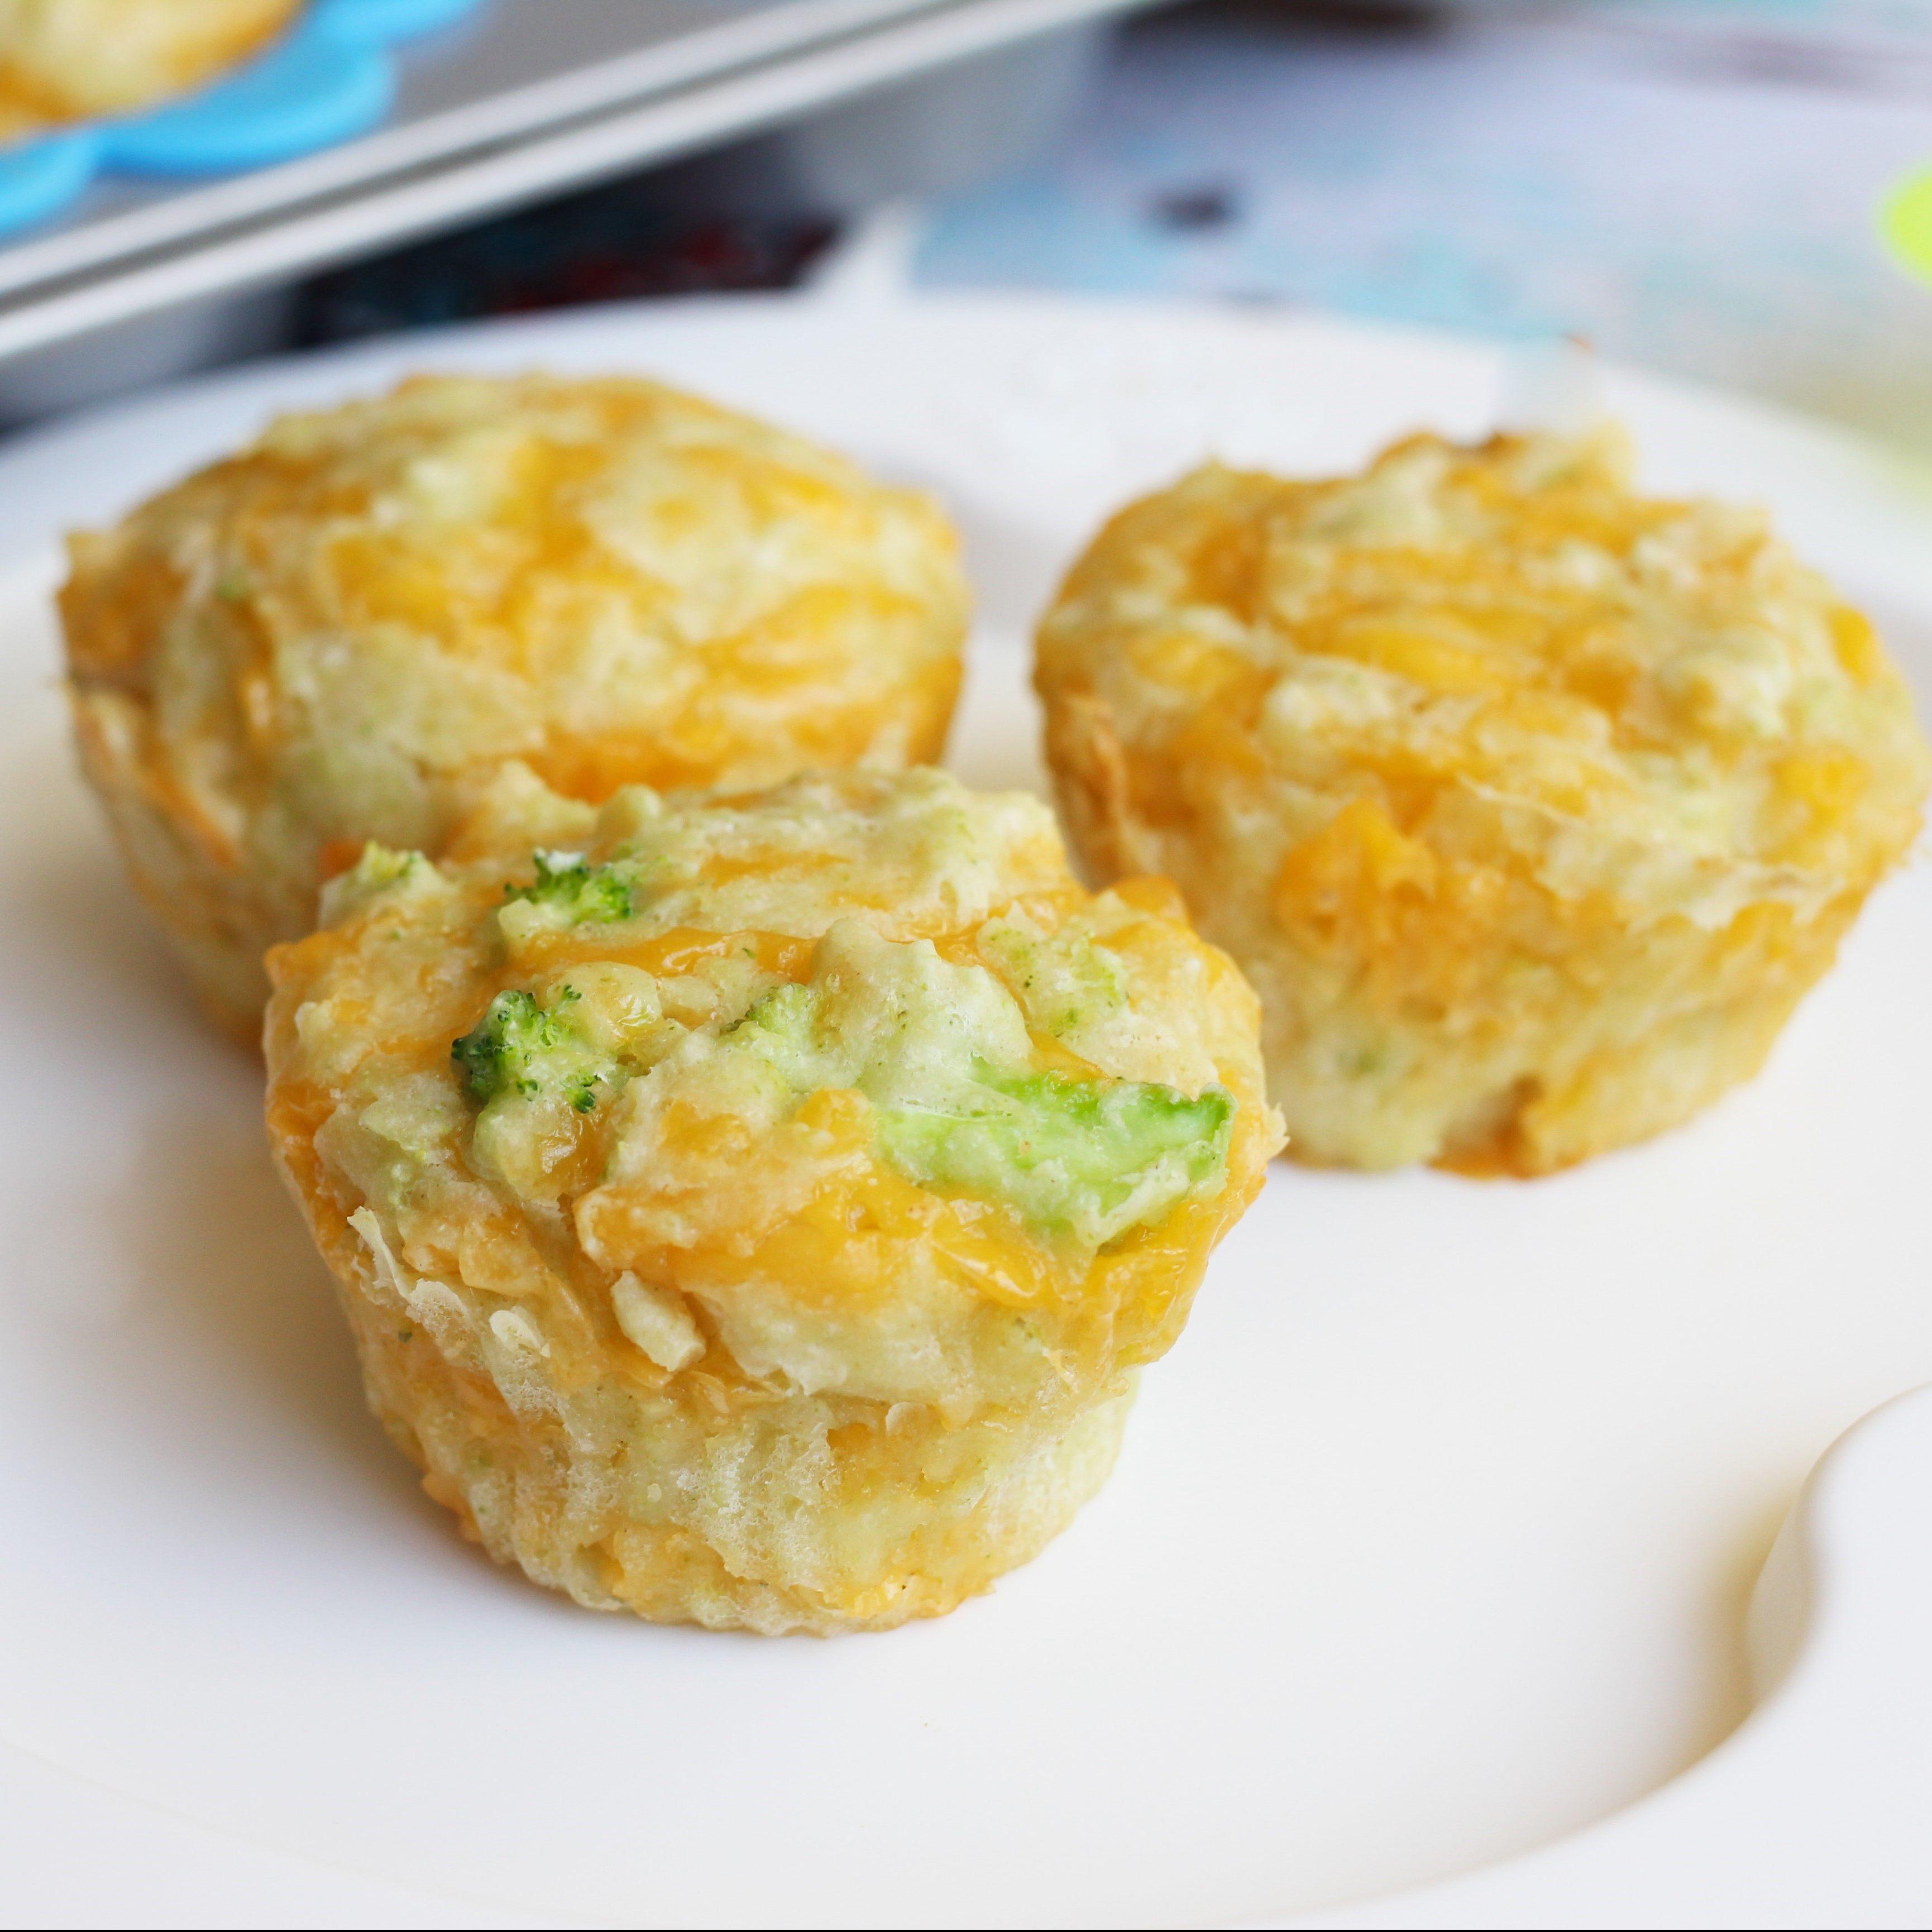 Broccoli Cheddar Muffins